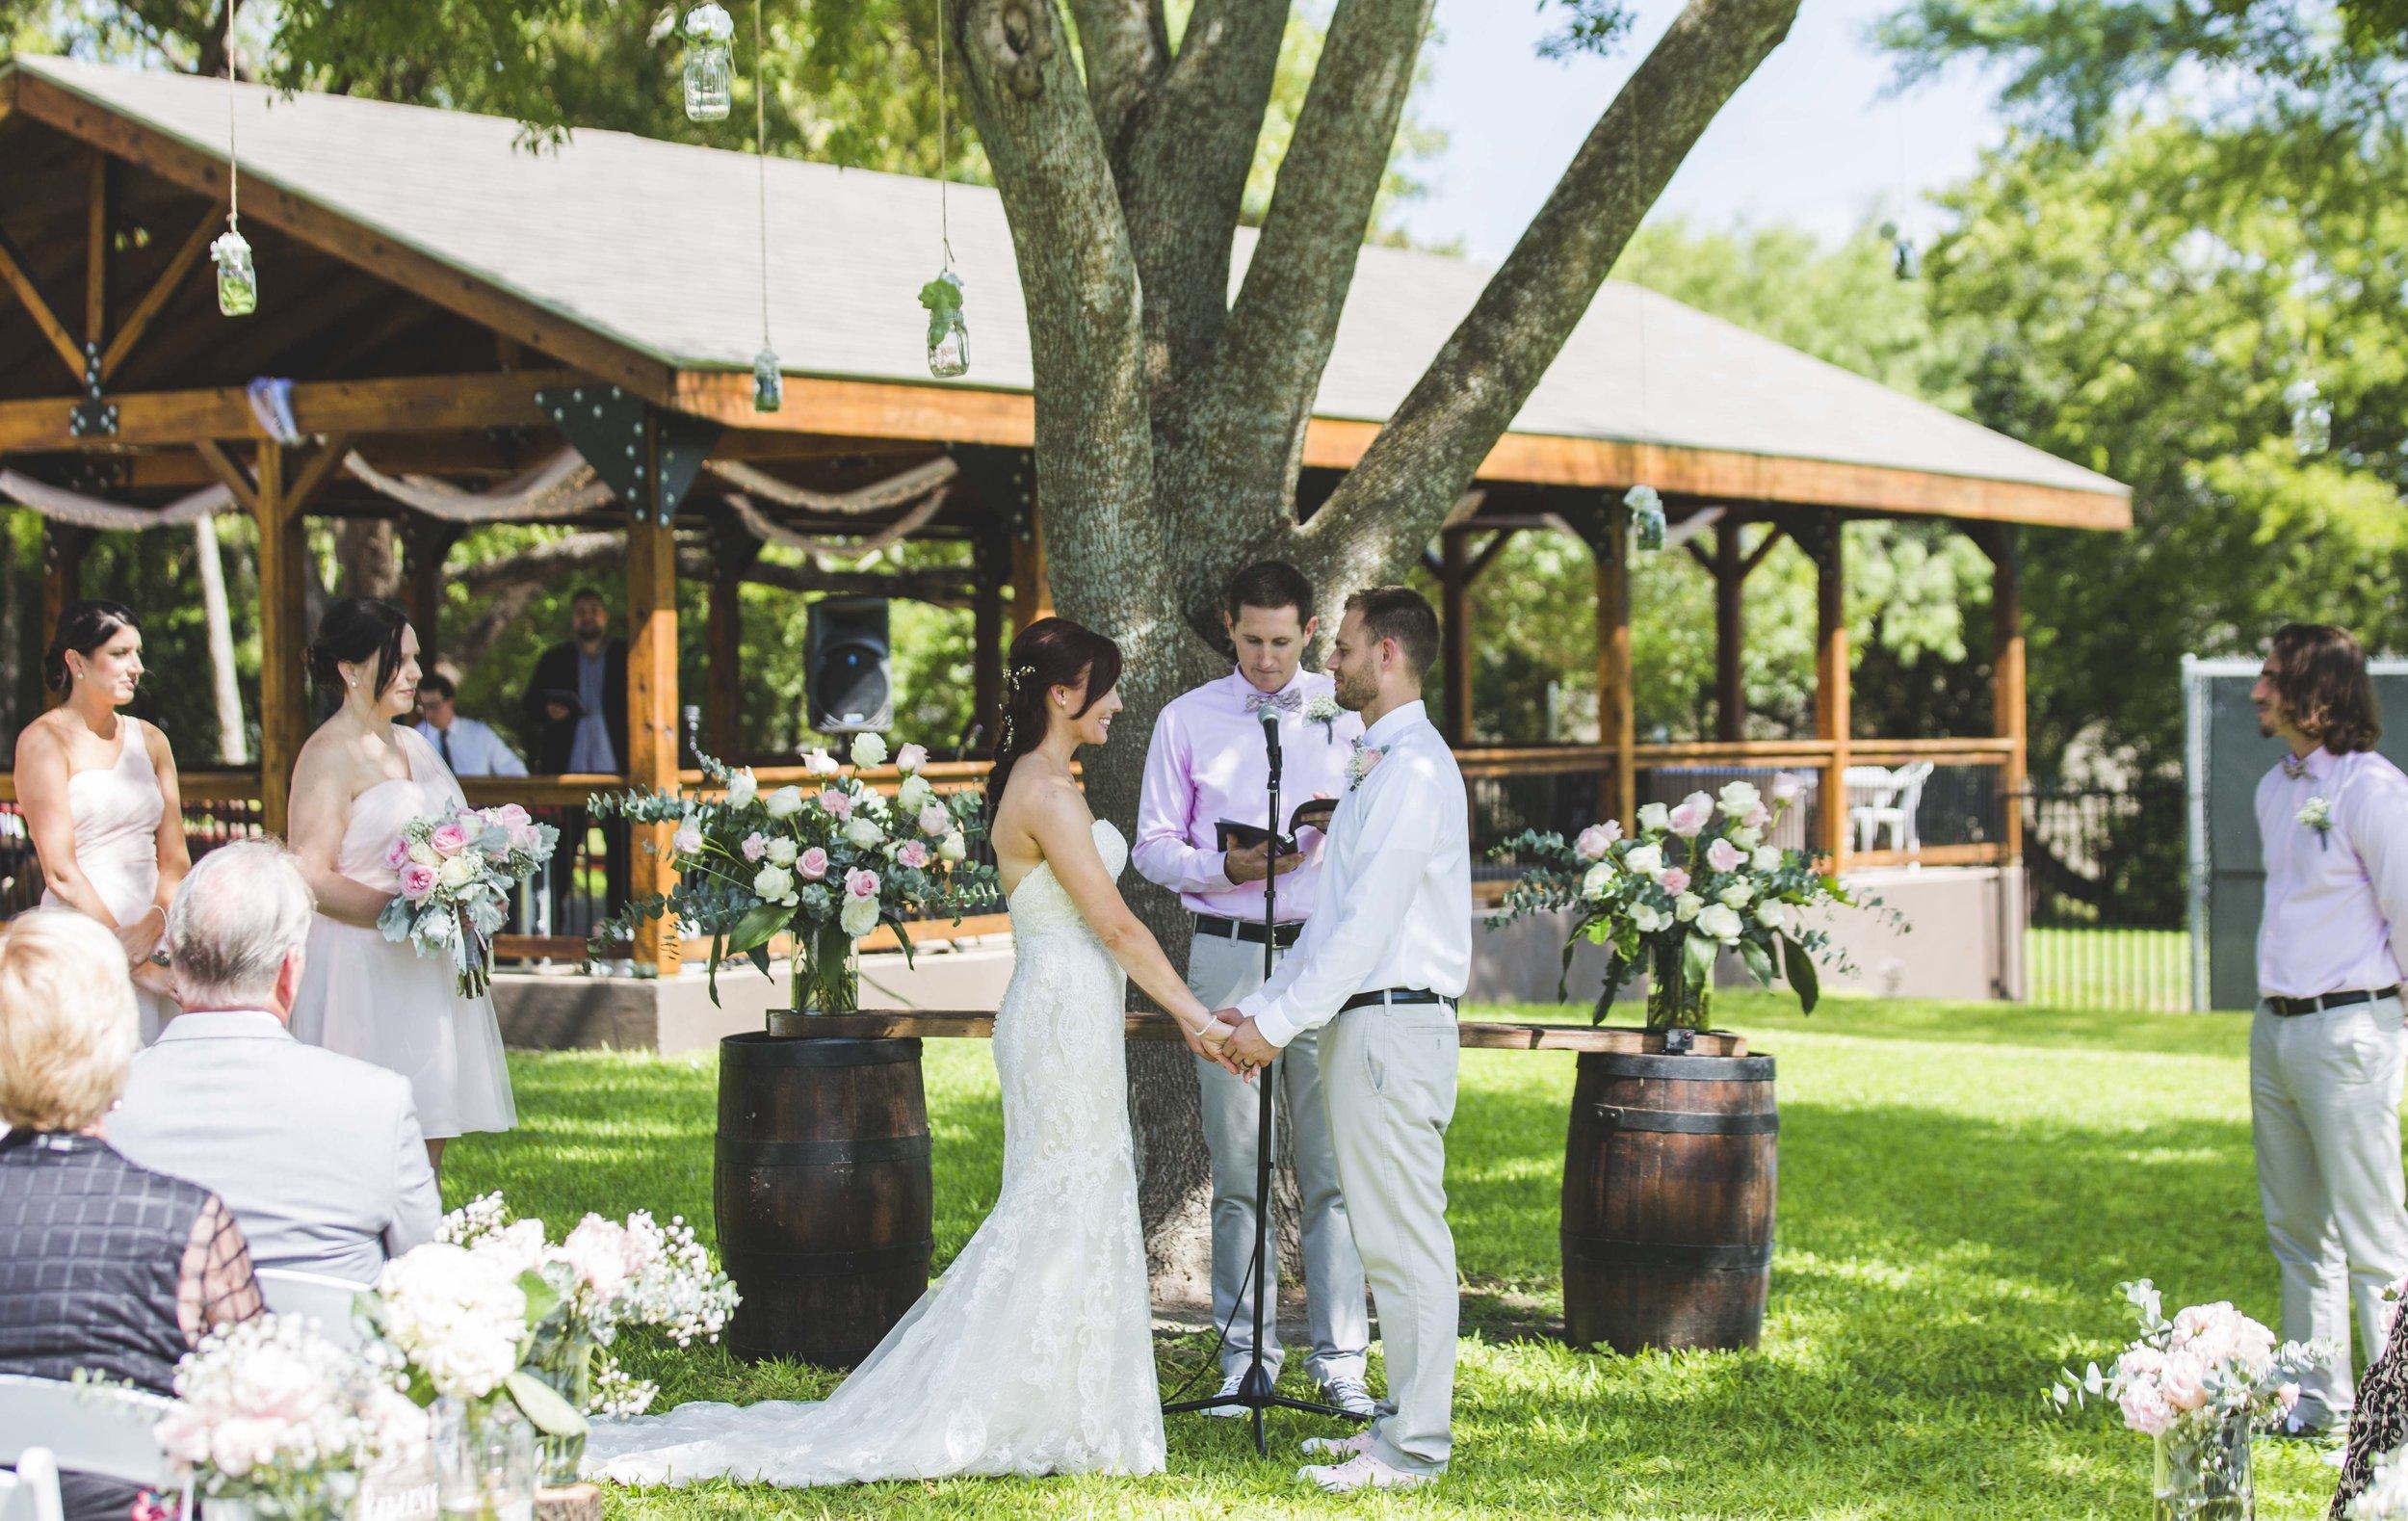 ATGI_Susanna & Matt Wedding_717A7854.jpg